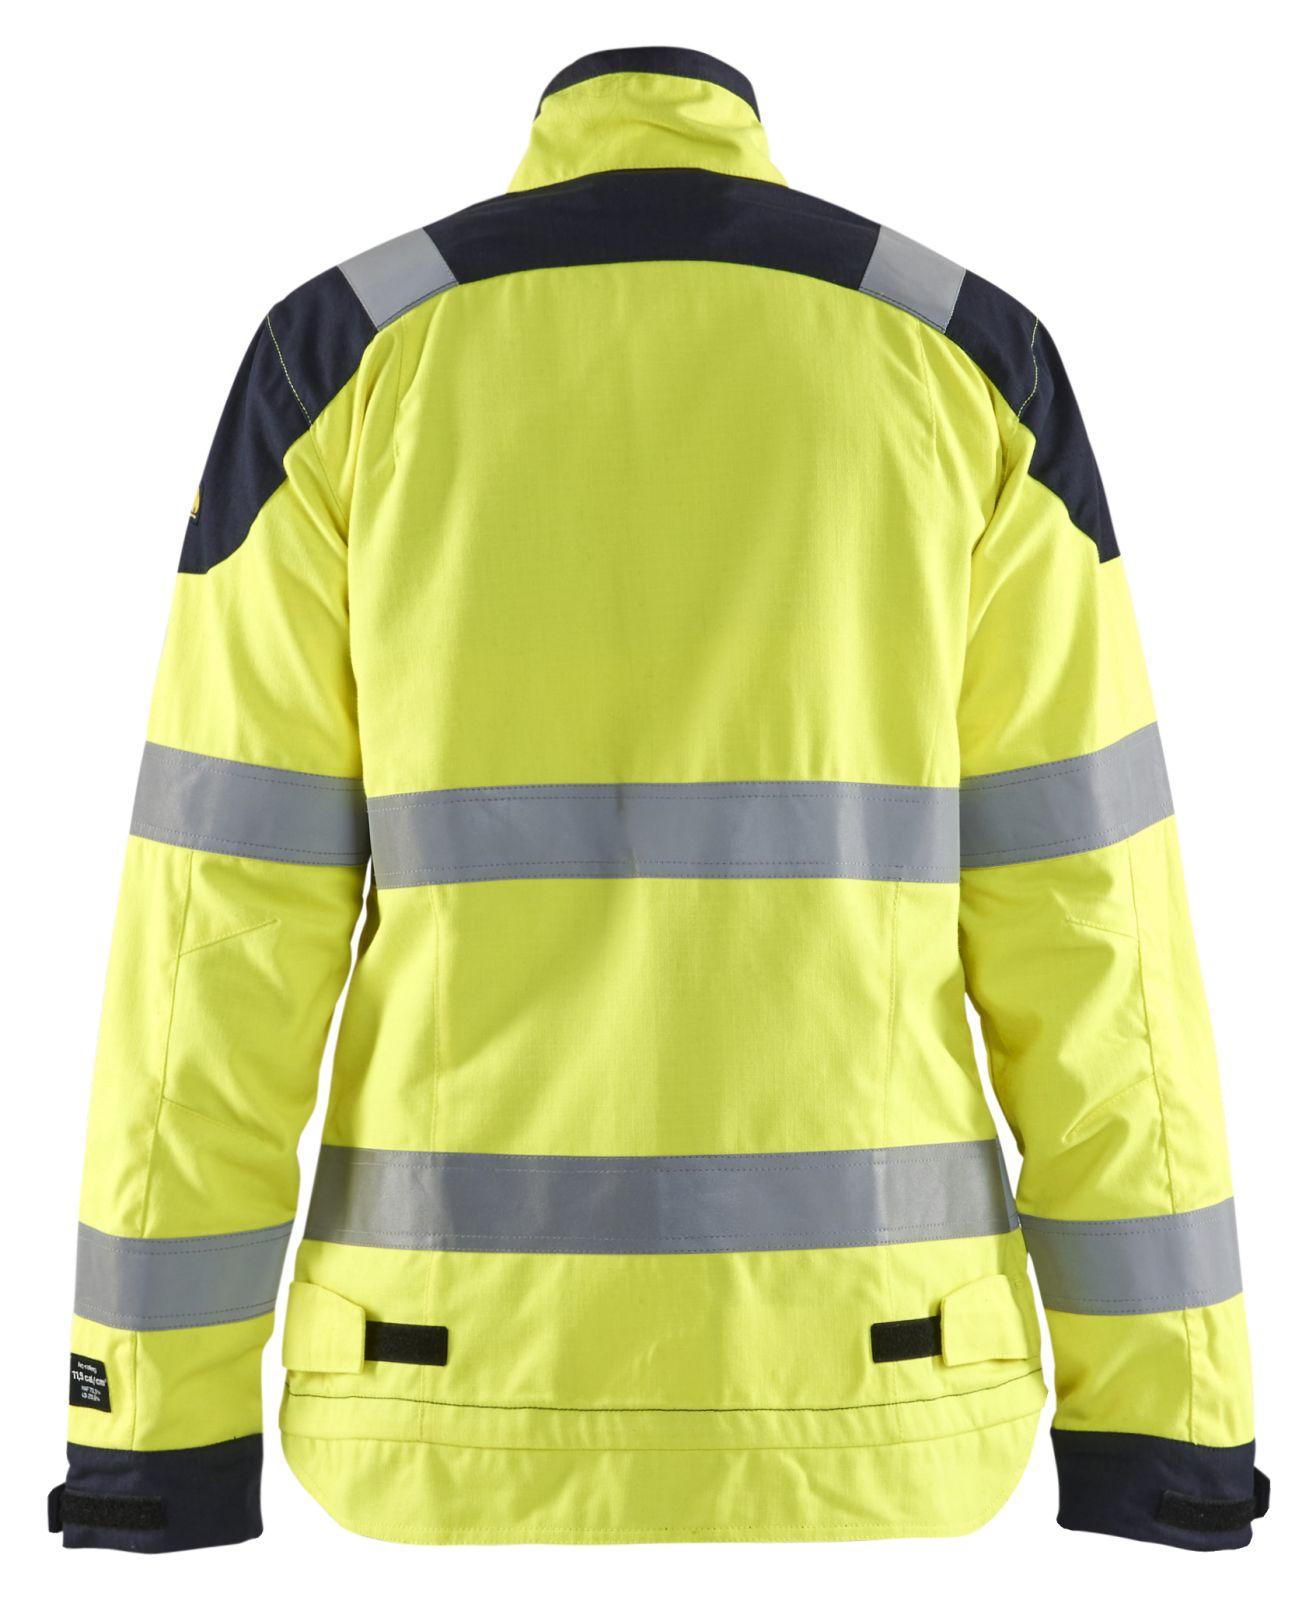 Blaklader Jassen 49691512 Multinorm fluo geel-marineblauw(3389)